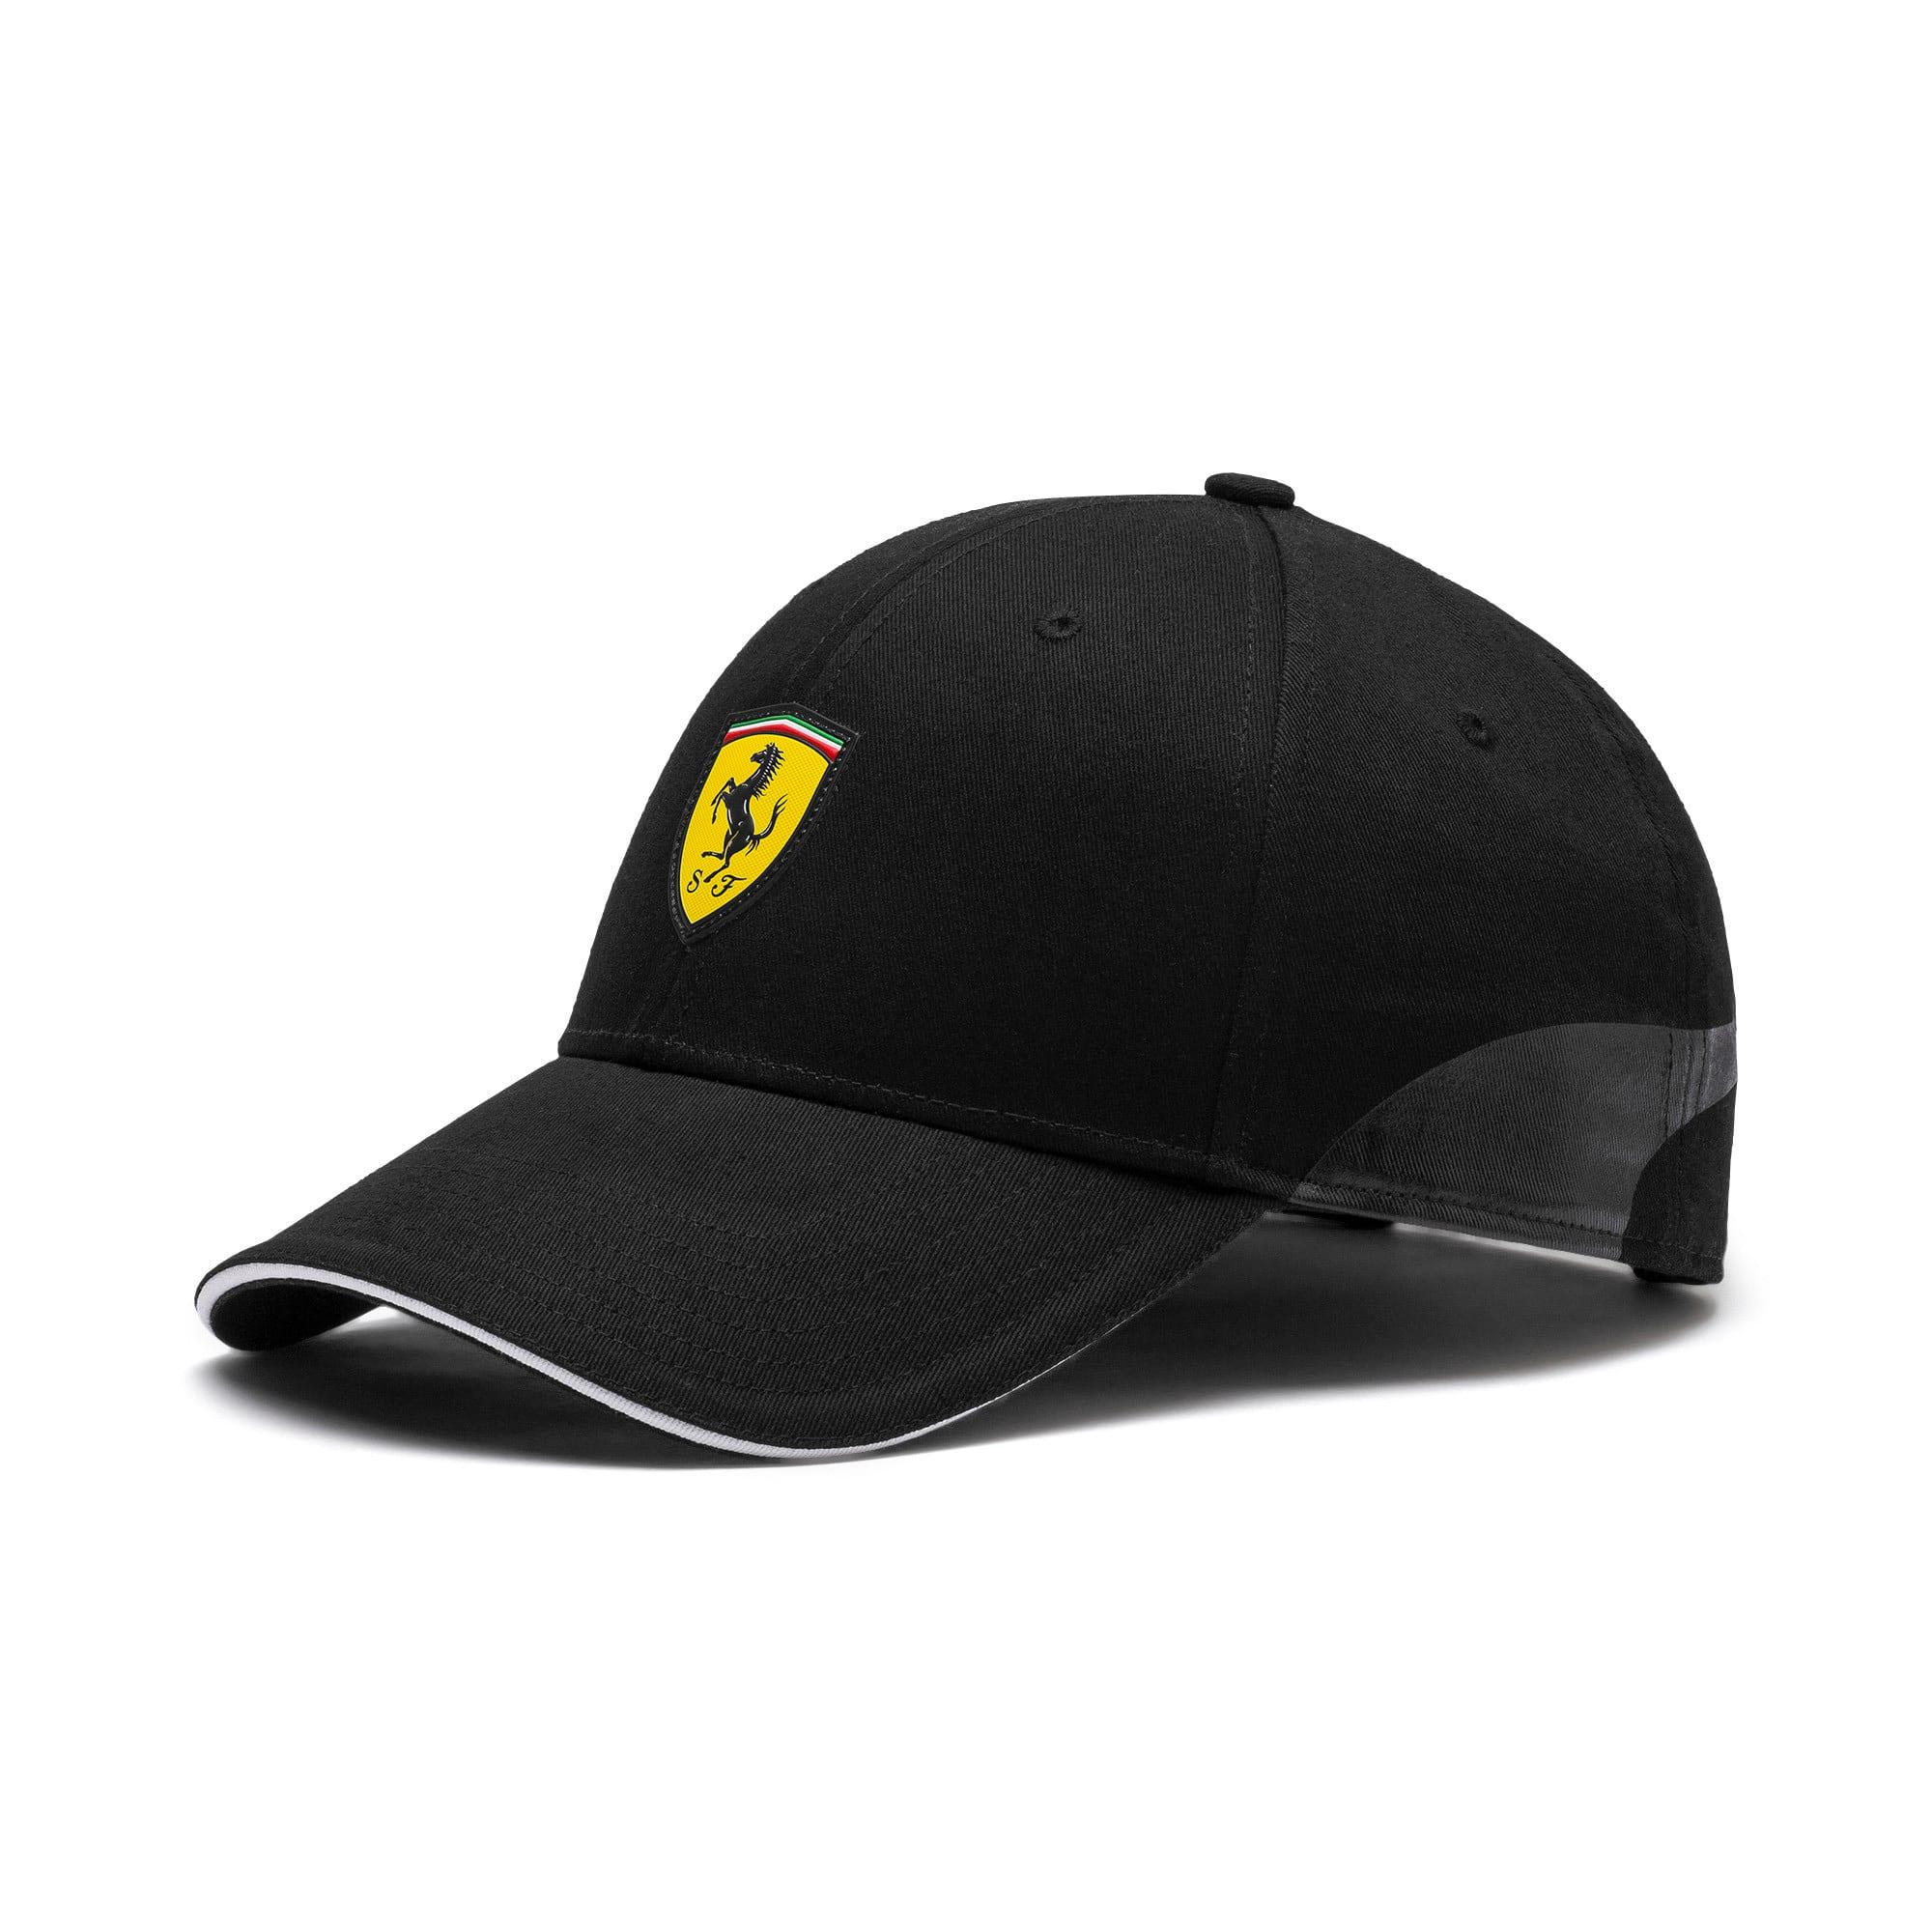 Thumbnail 1 of Ferrari Fanwear Cap, Puma Black, medium